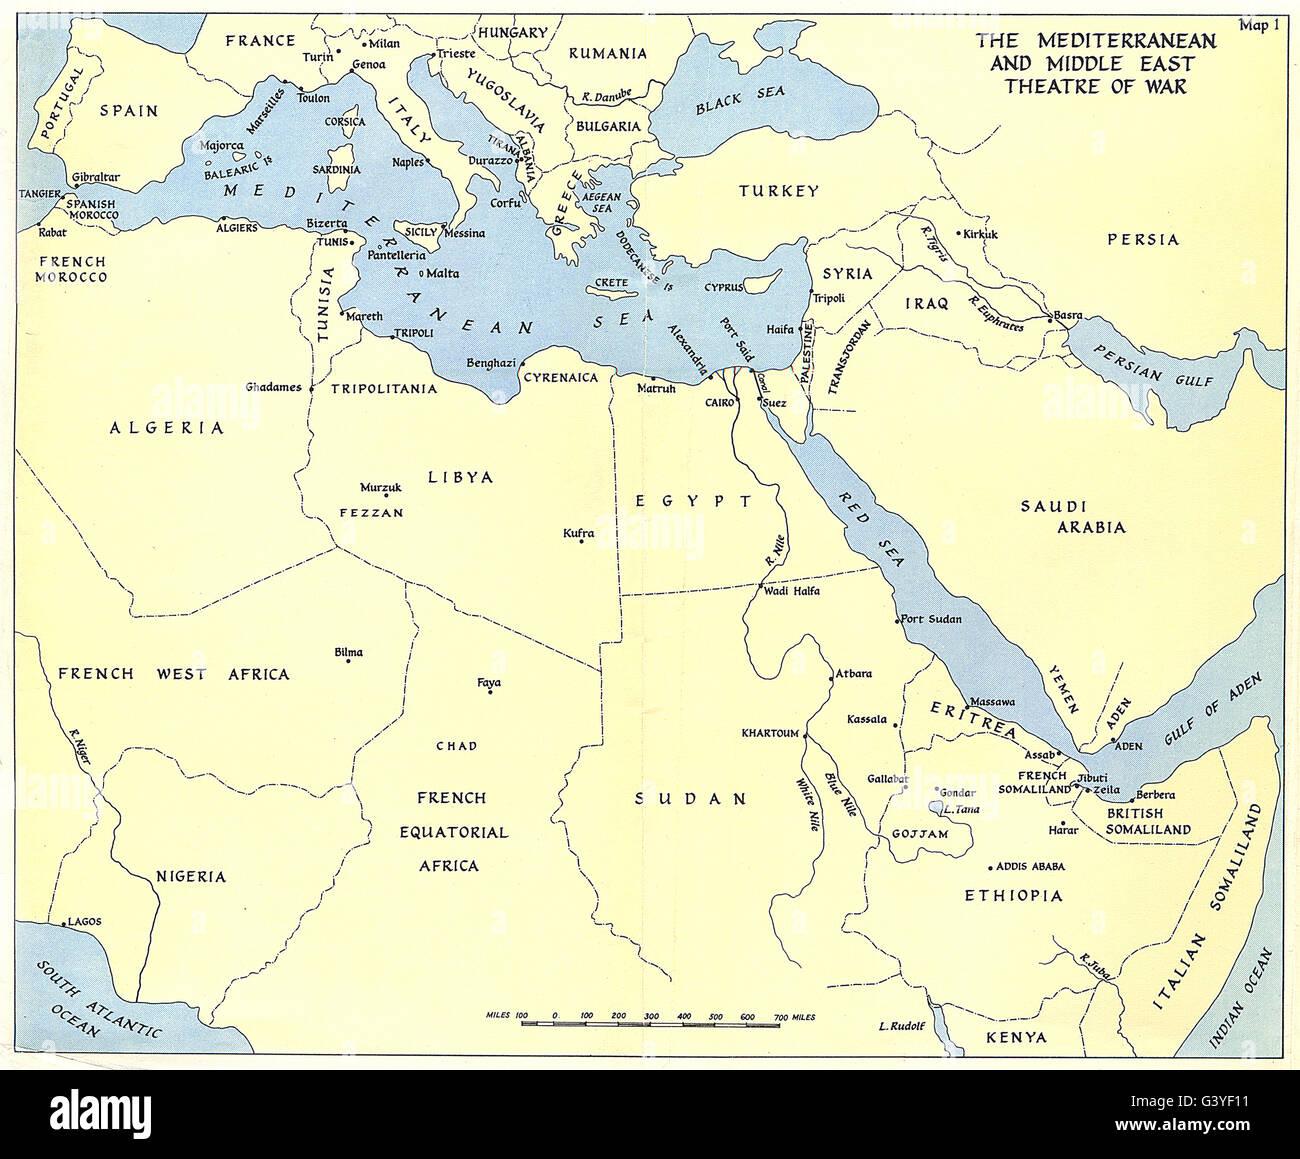 Cartina Europa E Medio Oriente.Europa Mediterraneo E Medio Oriente Teatro Di Guerra Ww2 1954 Mappa Vecchia Foto Stock Alamy